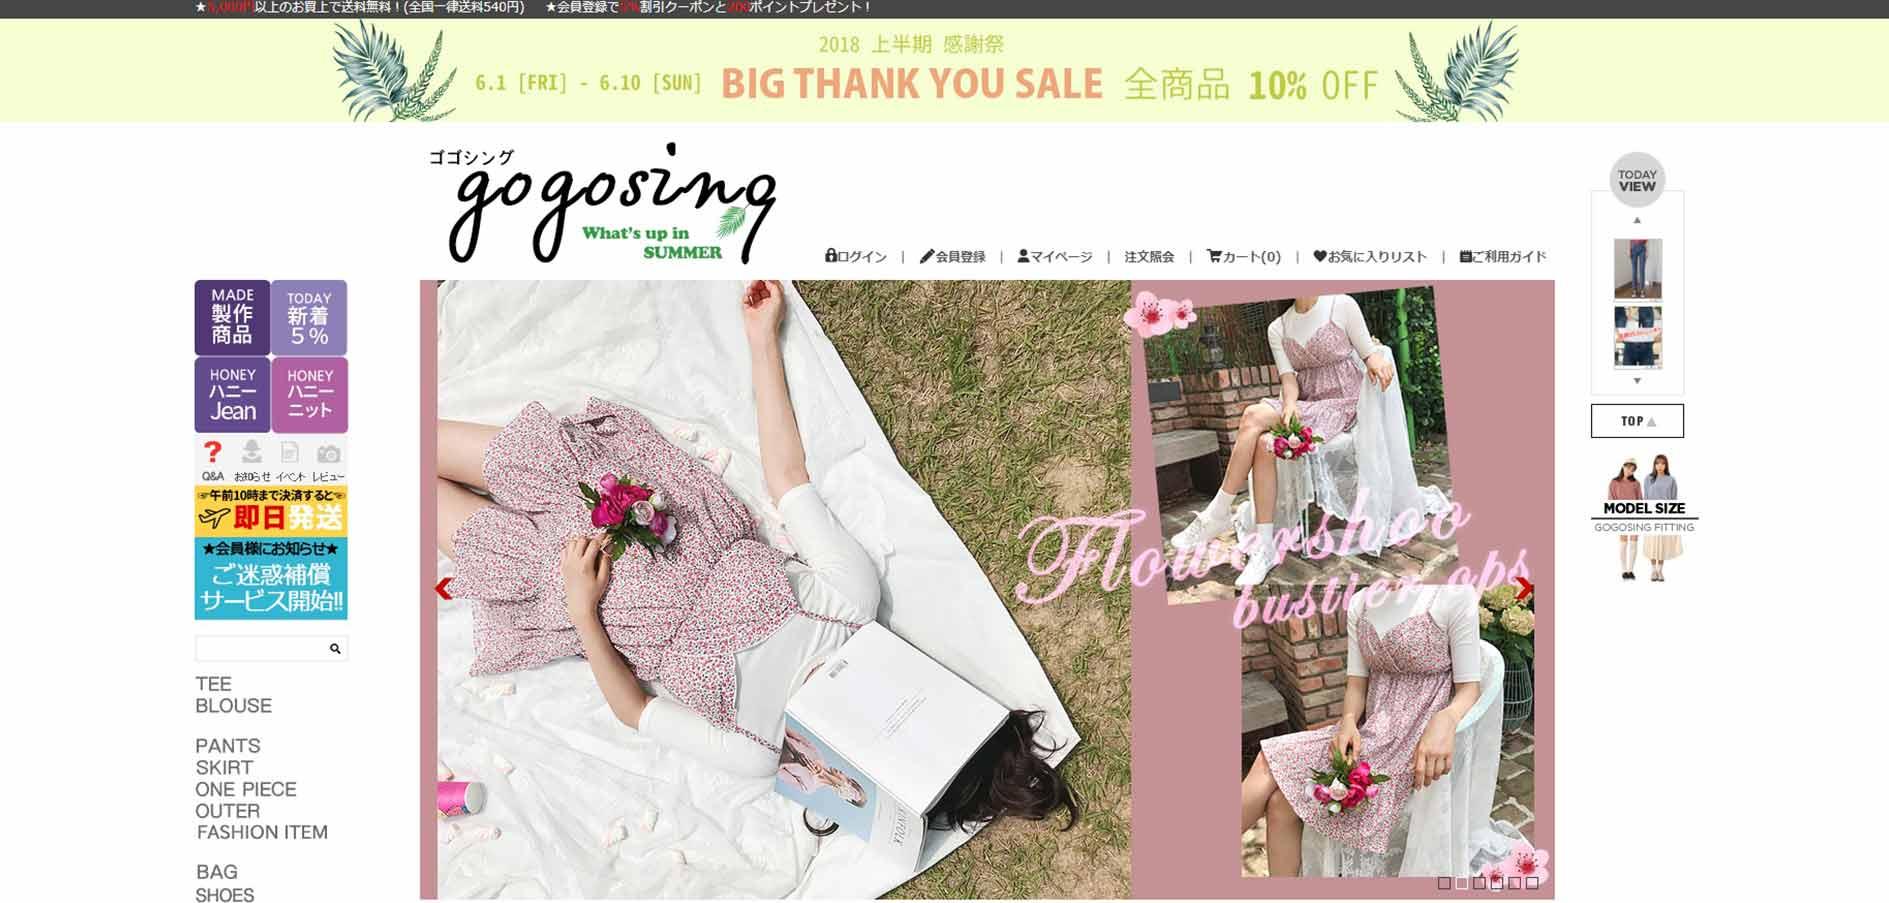 おすすめ韓国服通販サイトのGOGOSING(ゴゴシング)